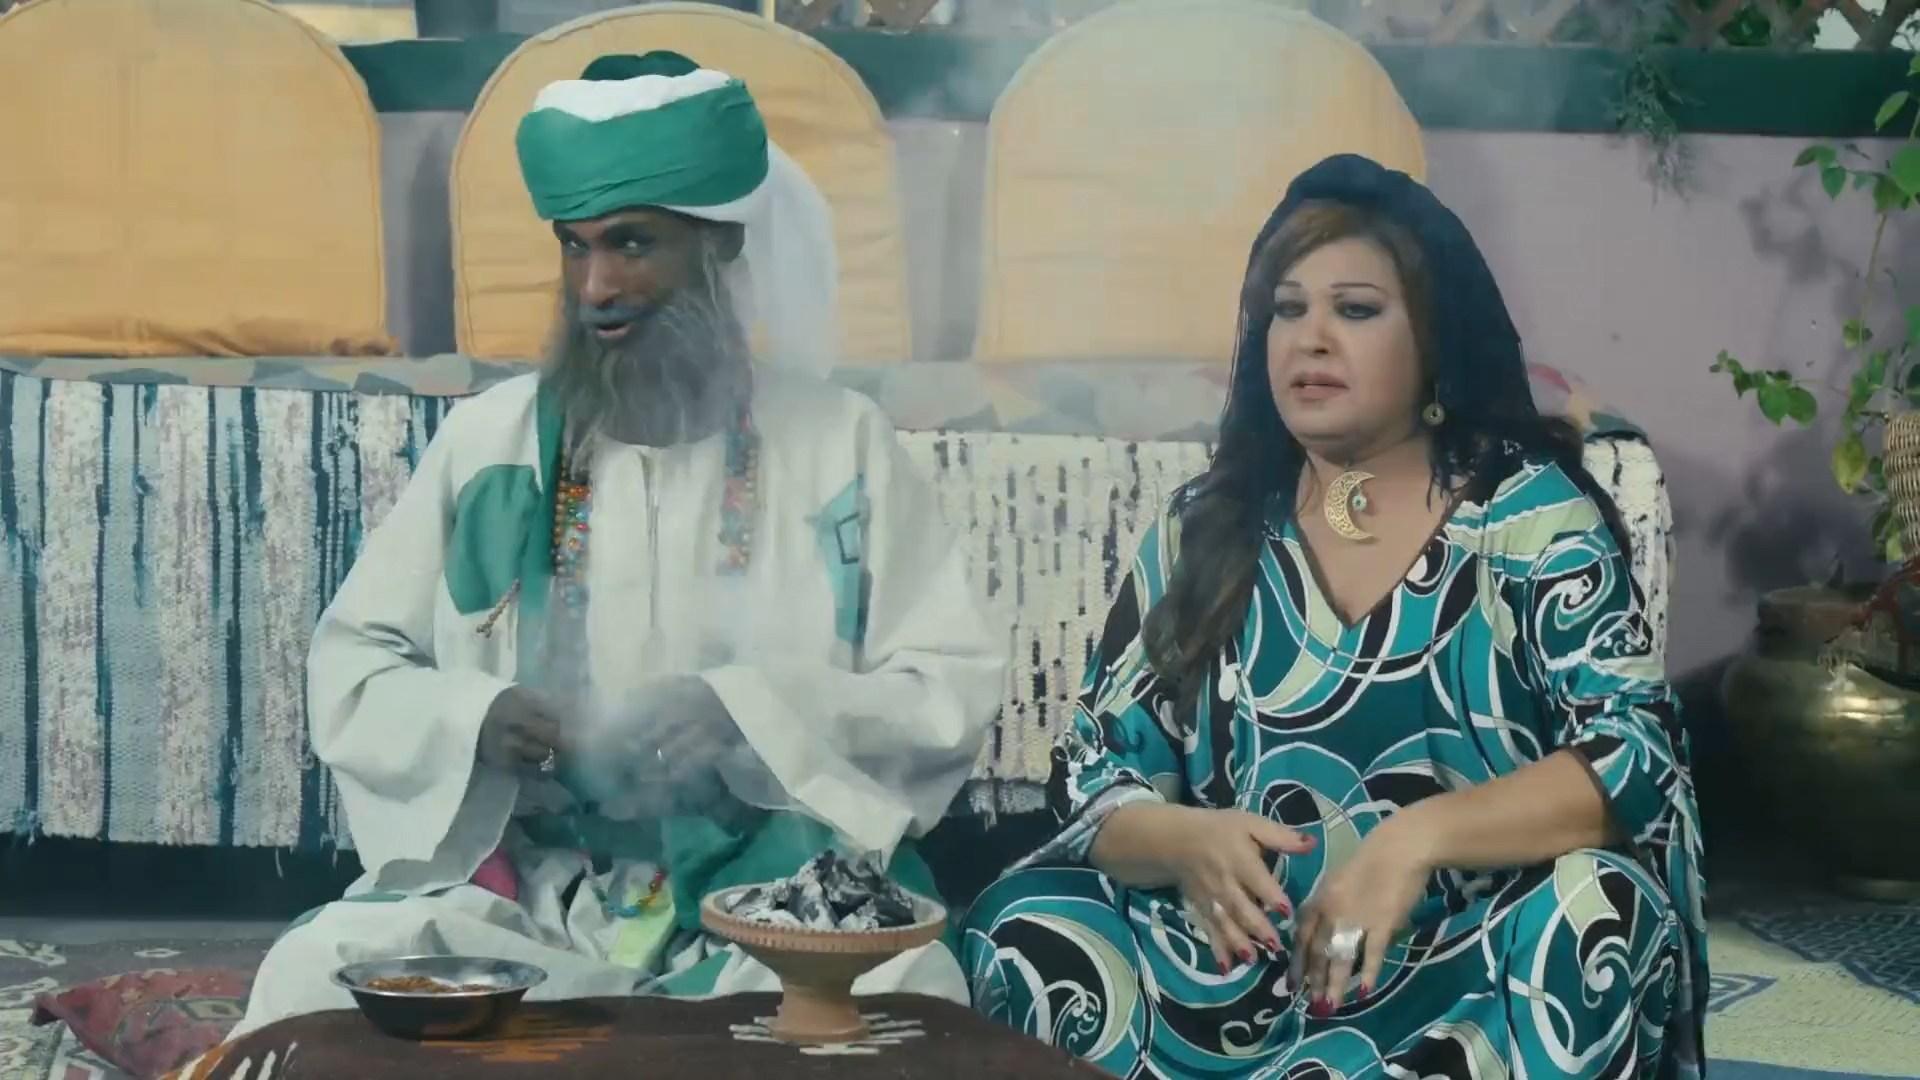 [فيلم][تورنت][تحميل][مهمة في فيلم قديم][2012][1080p][Web-DL] 8 arabp2p.com